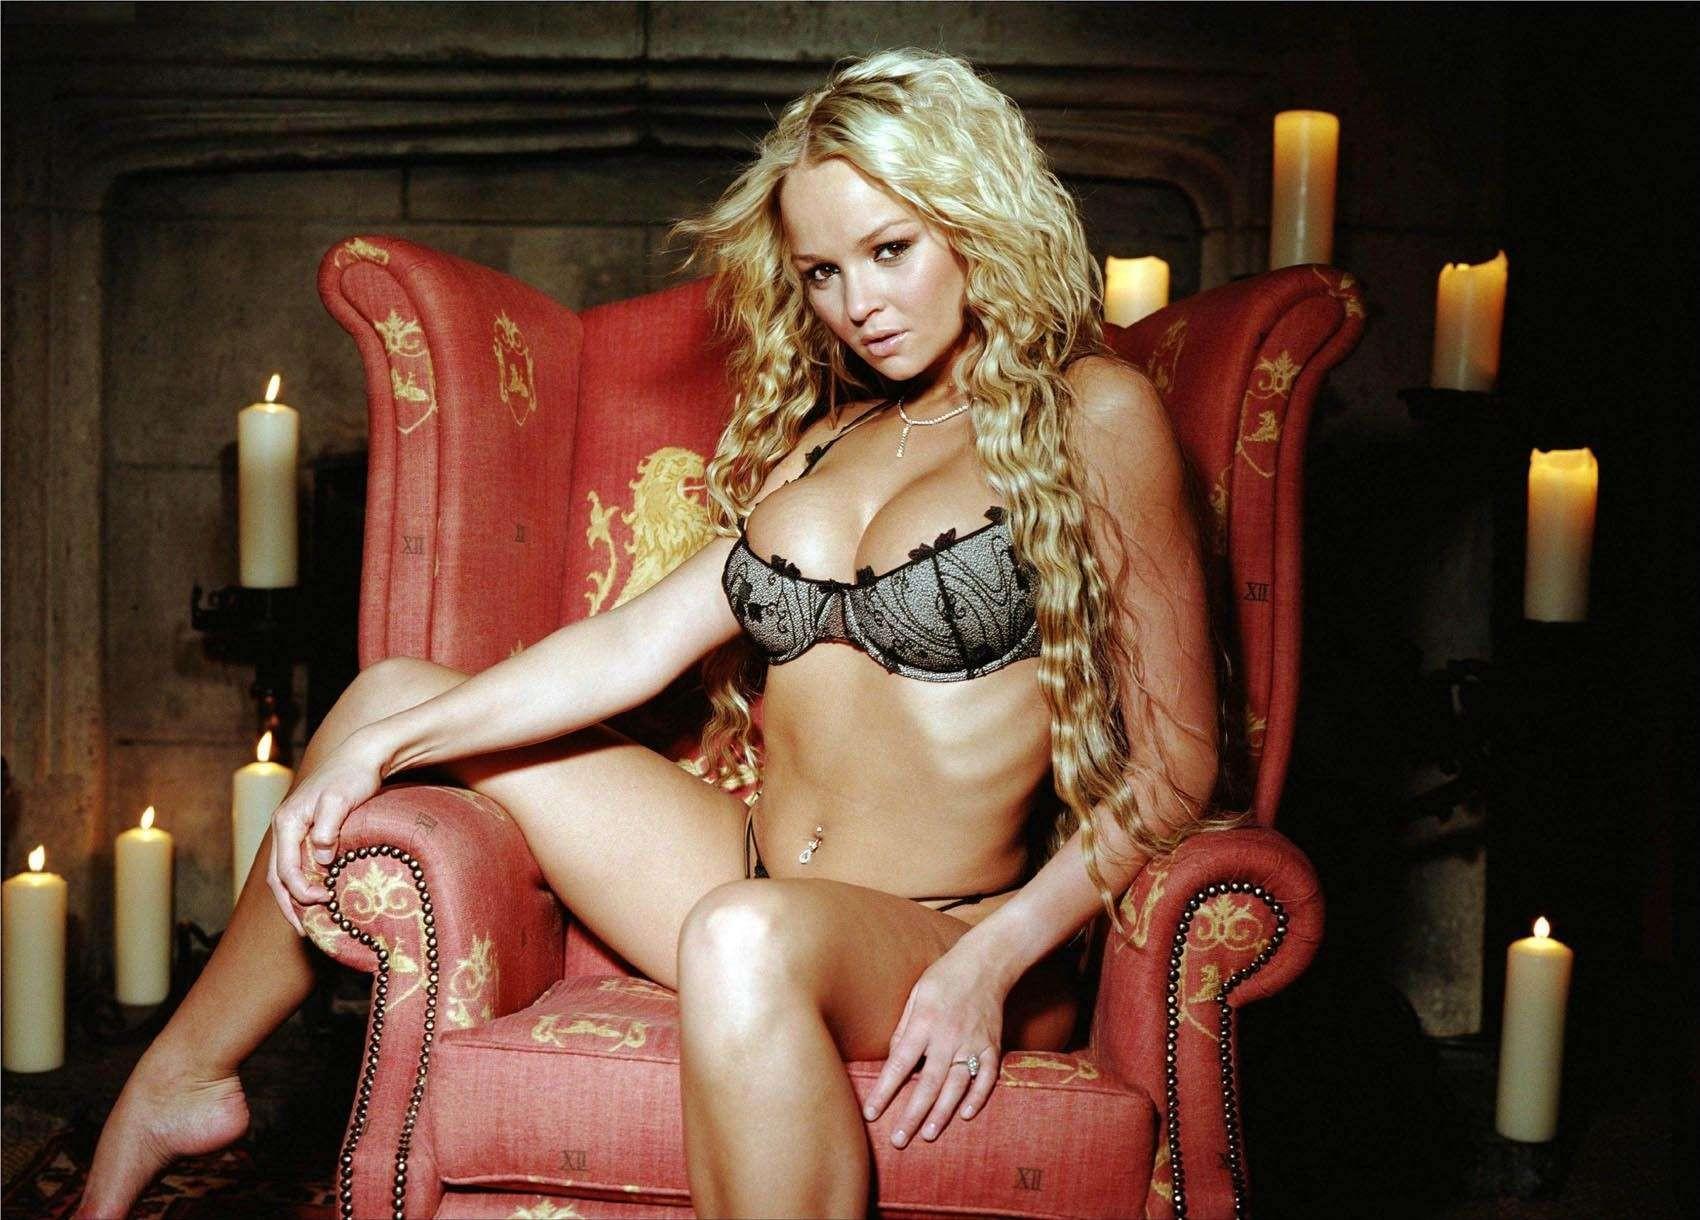 Фото русских знаменитостей в плейбое, Голая Марика в журналах Playboy, xxl и Sim 4 фотография